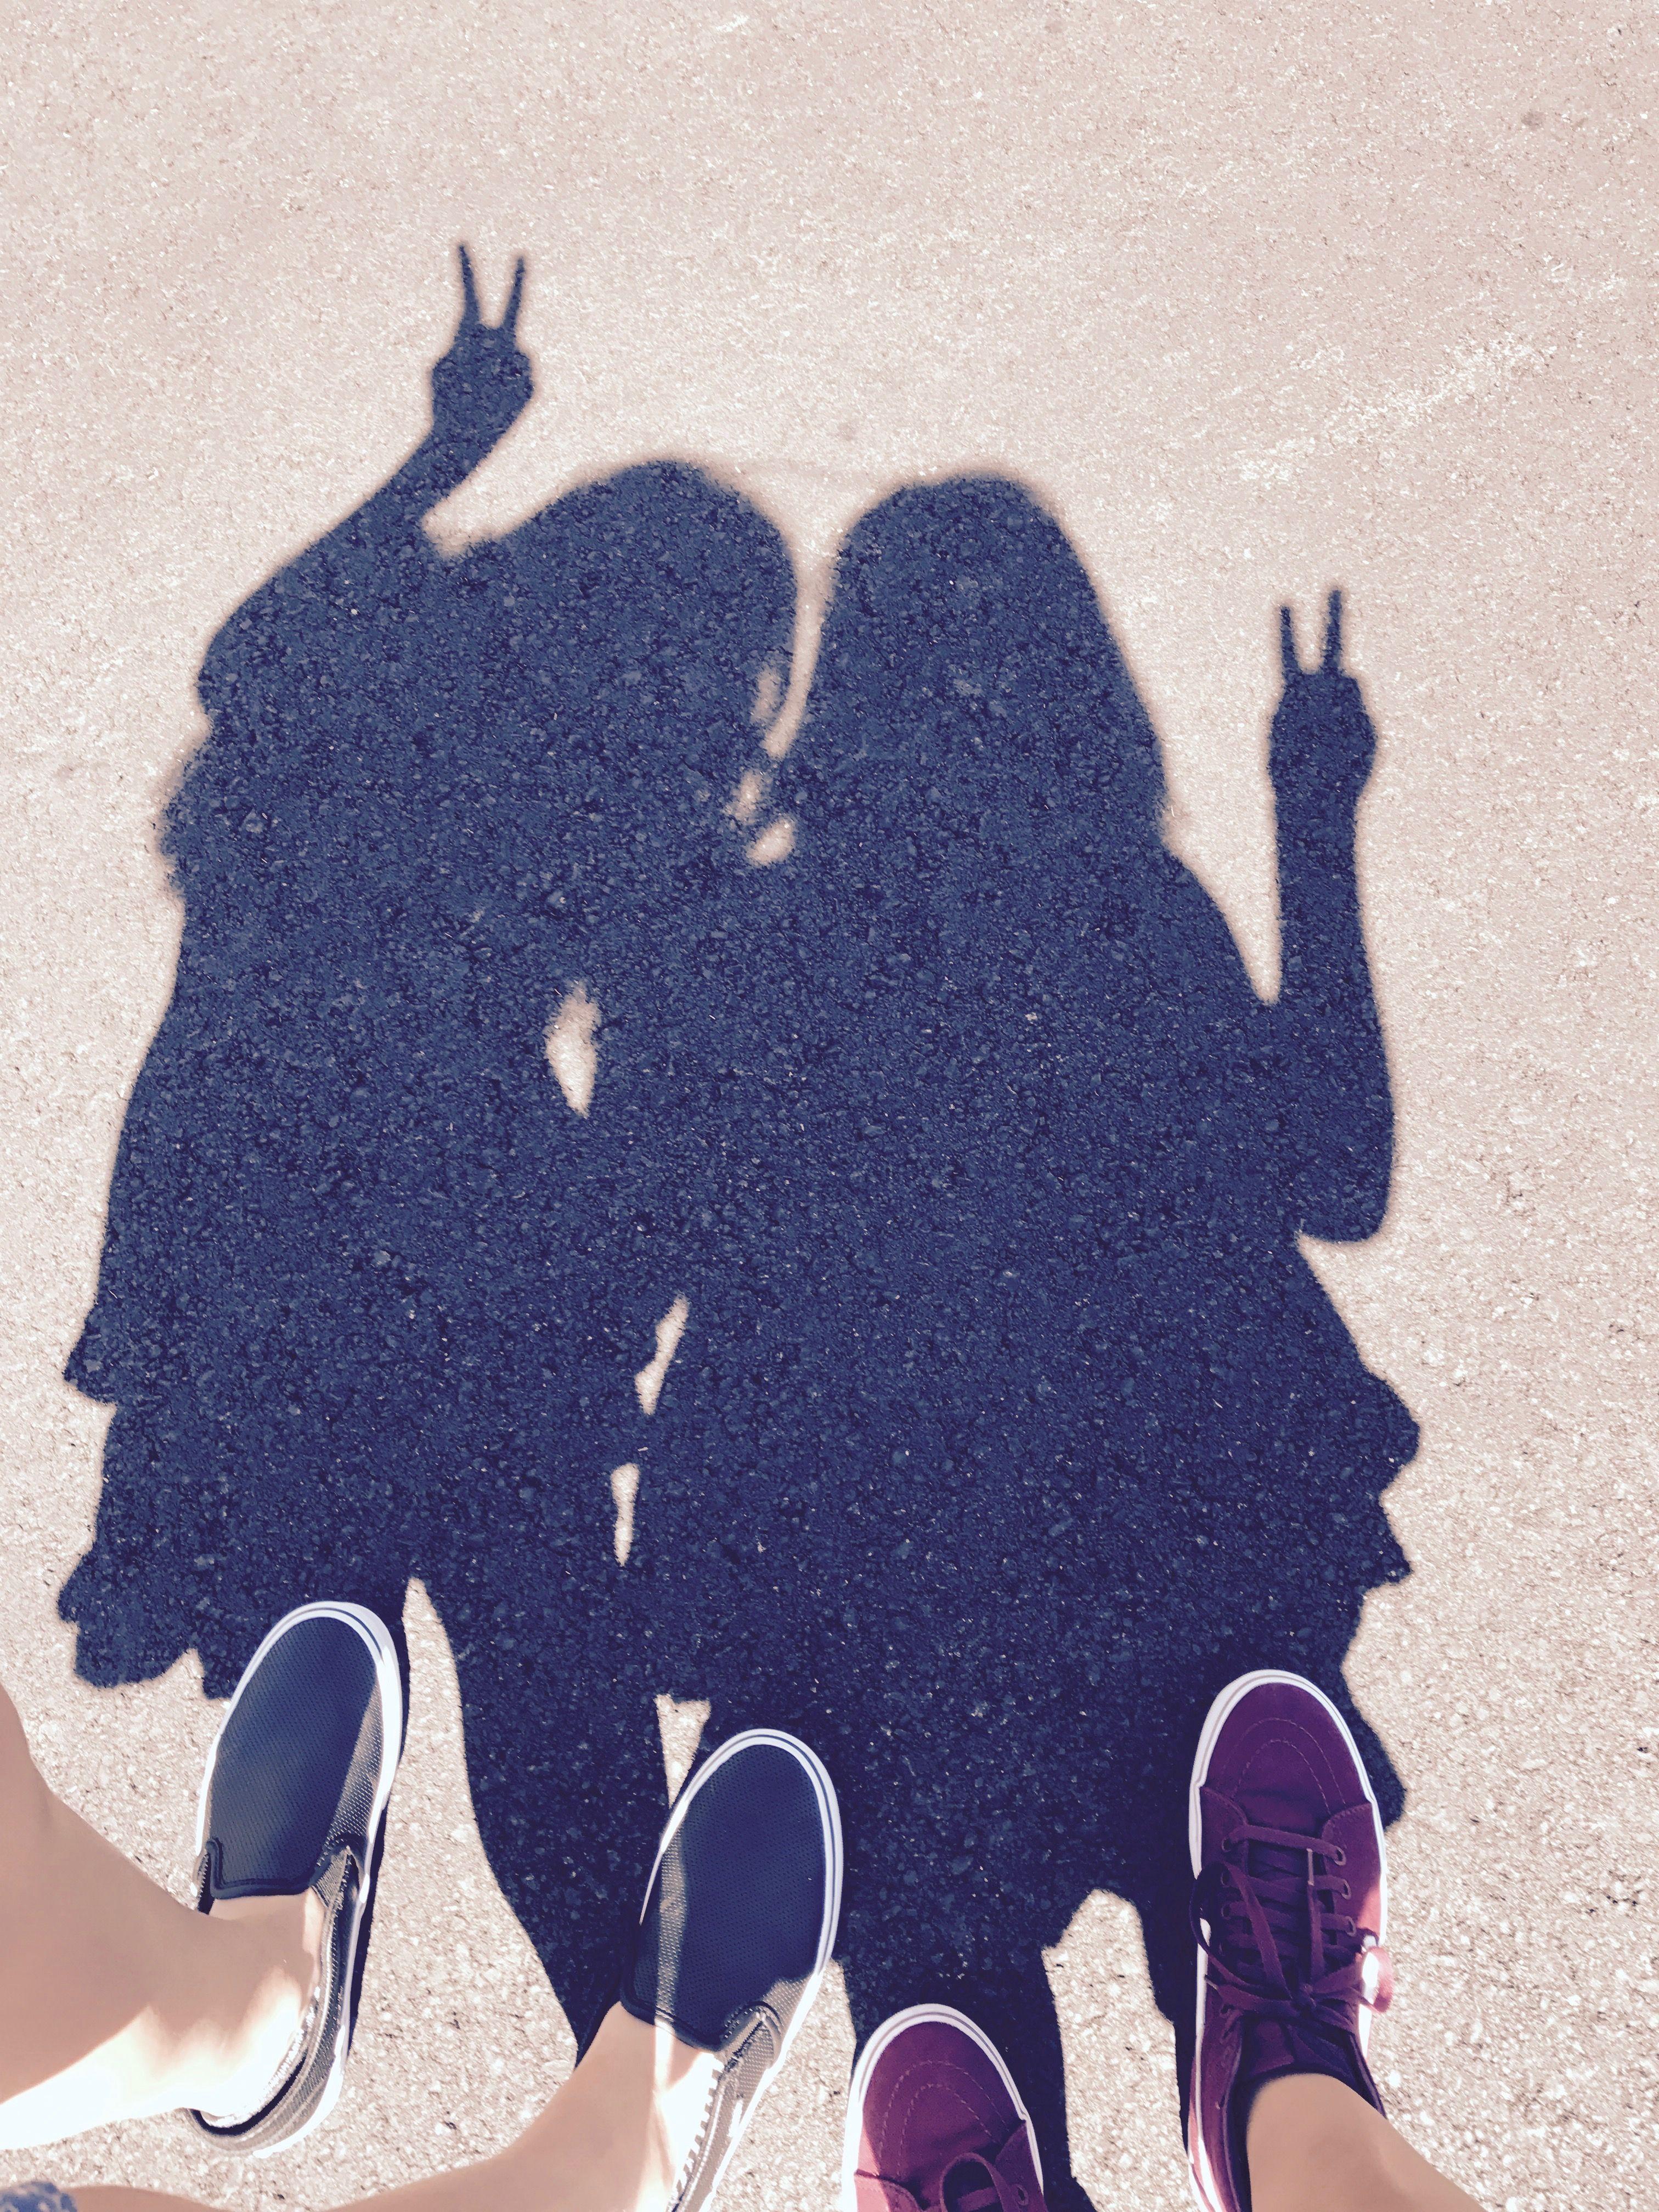 Pin By Hedieh On Best Friends Best Friend Photography Bff Photography Bff Photoshoot